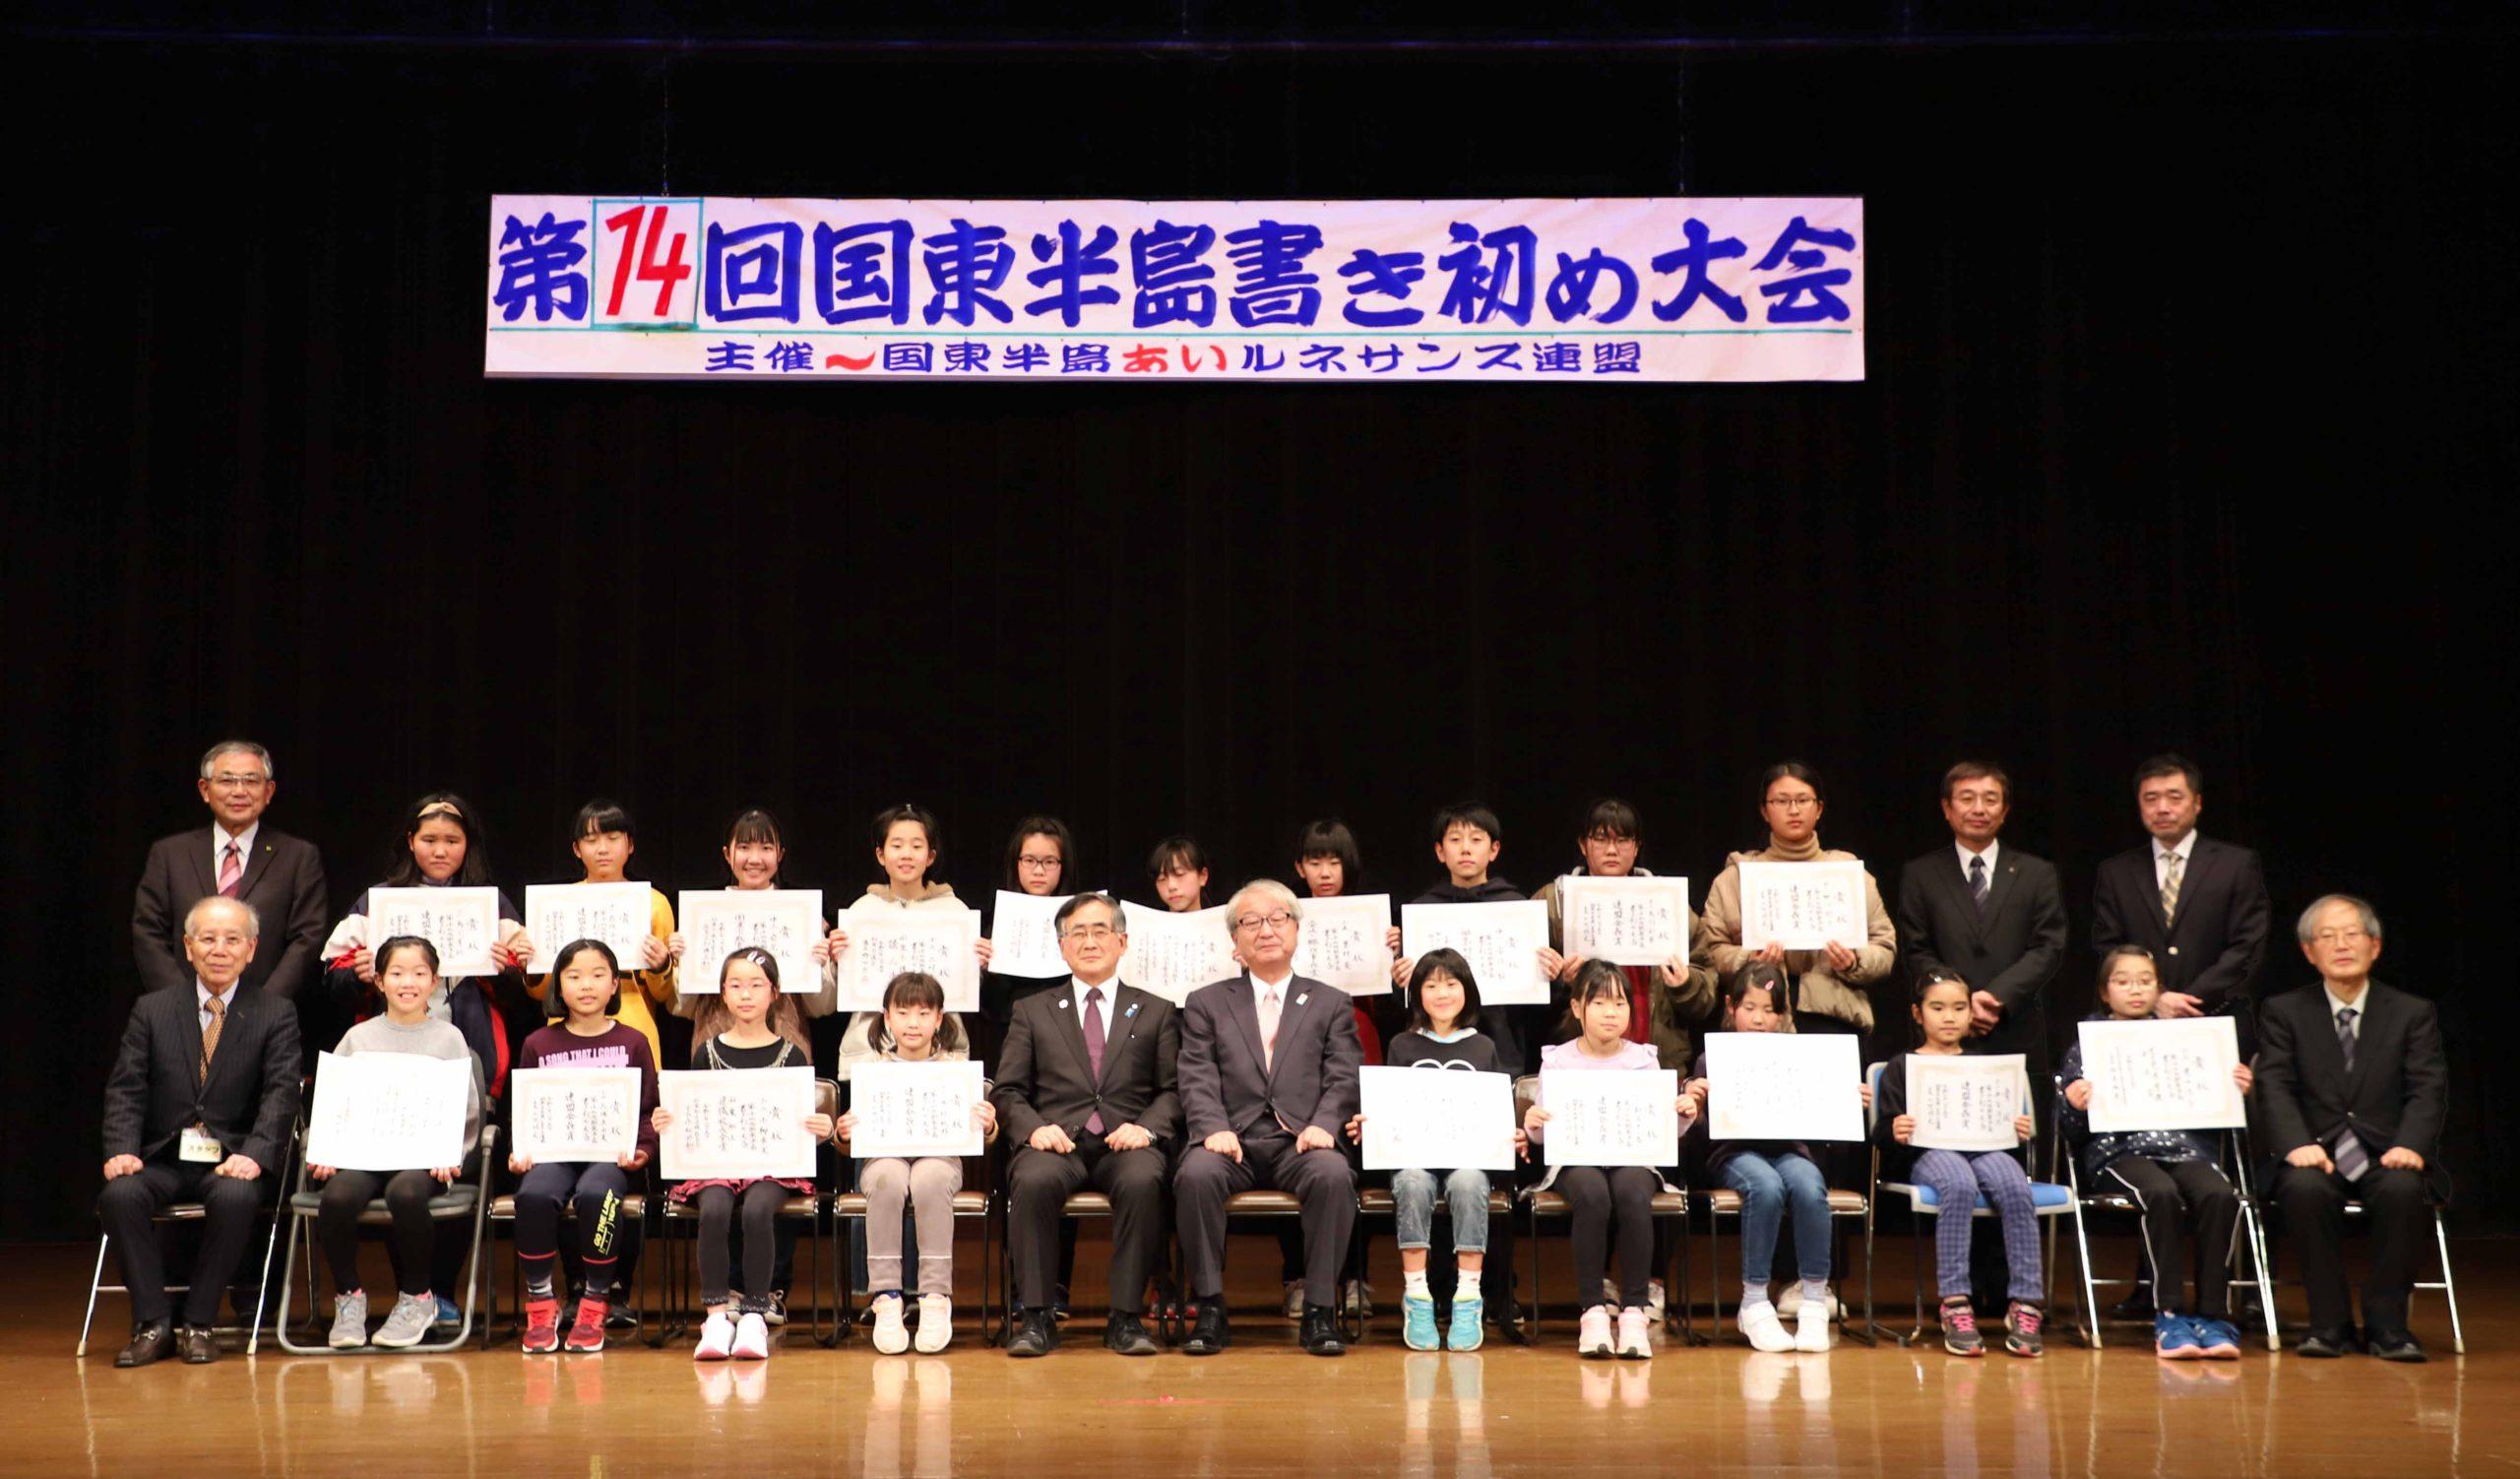 書き初め大会 表彰式